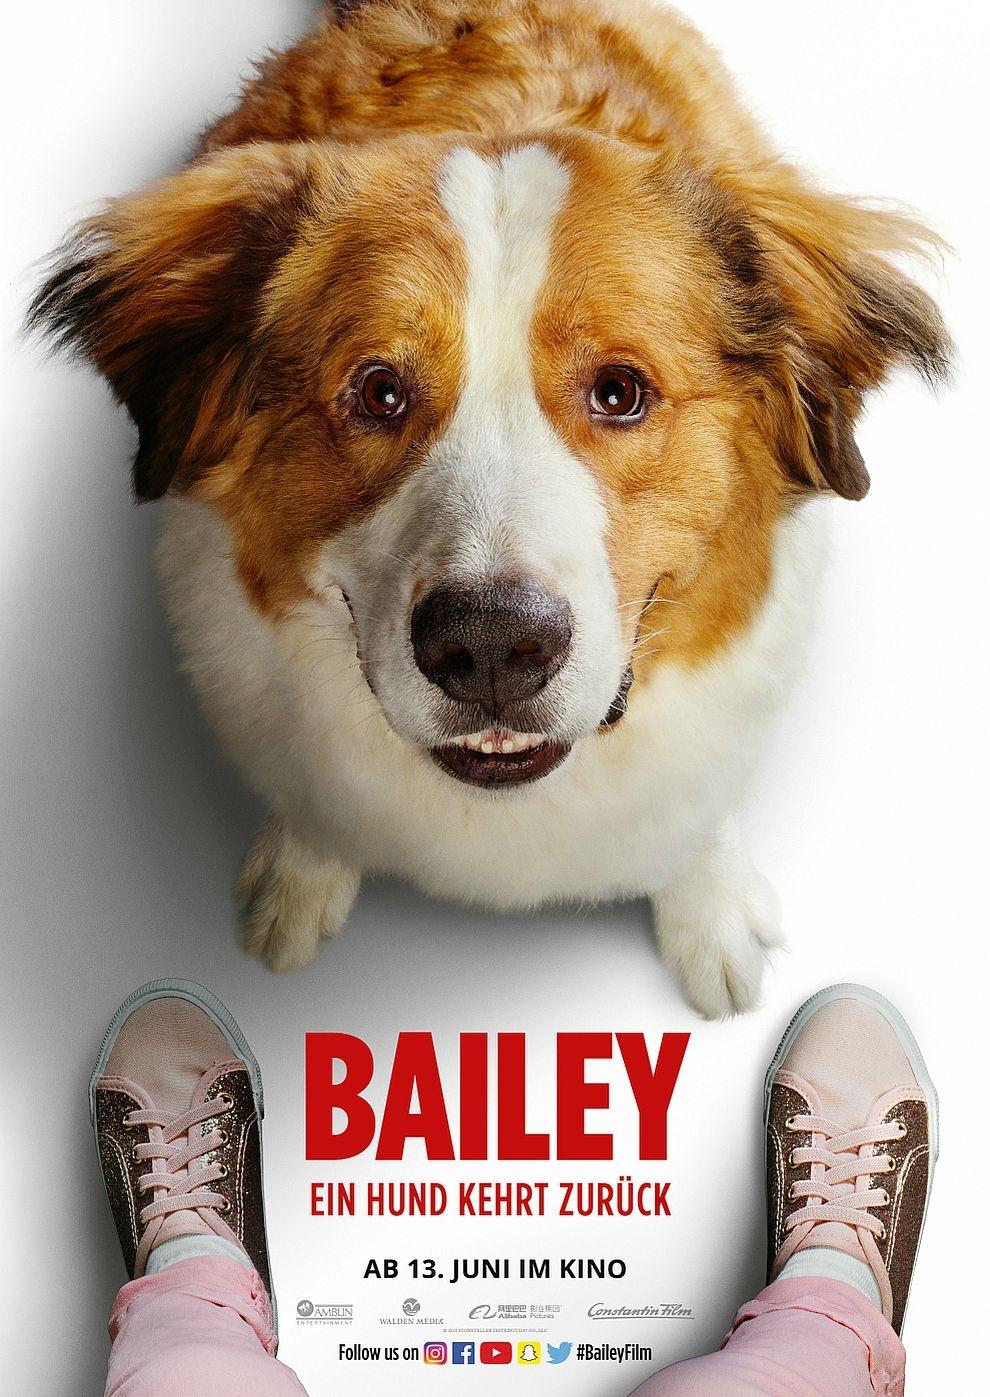 Bailey - Ein Hund kehrt zurück (Poster)